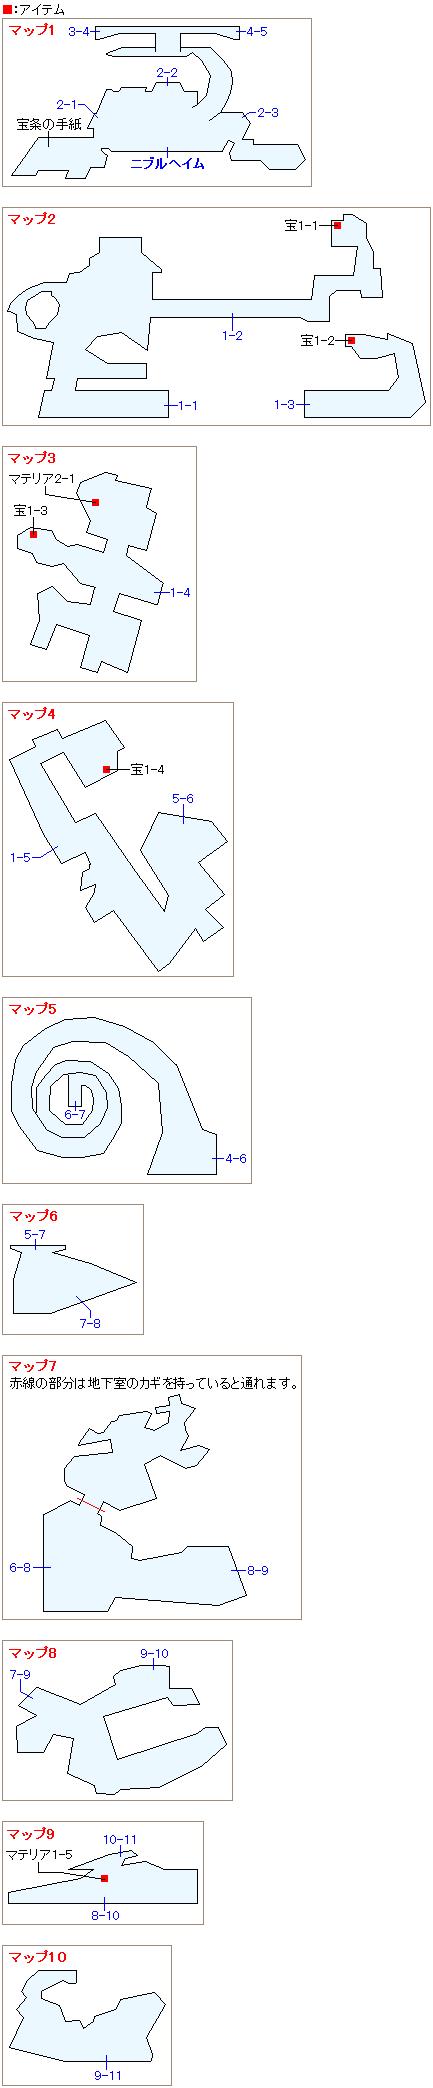 神羅屋敷のマップ